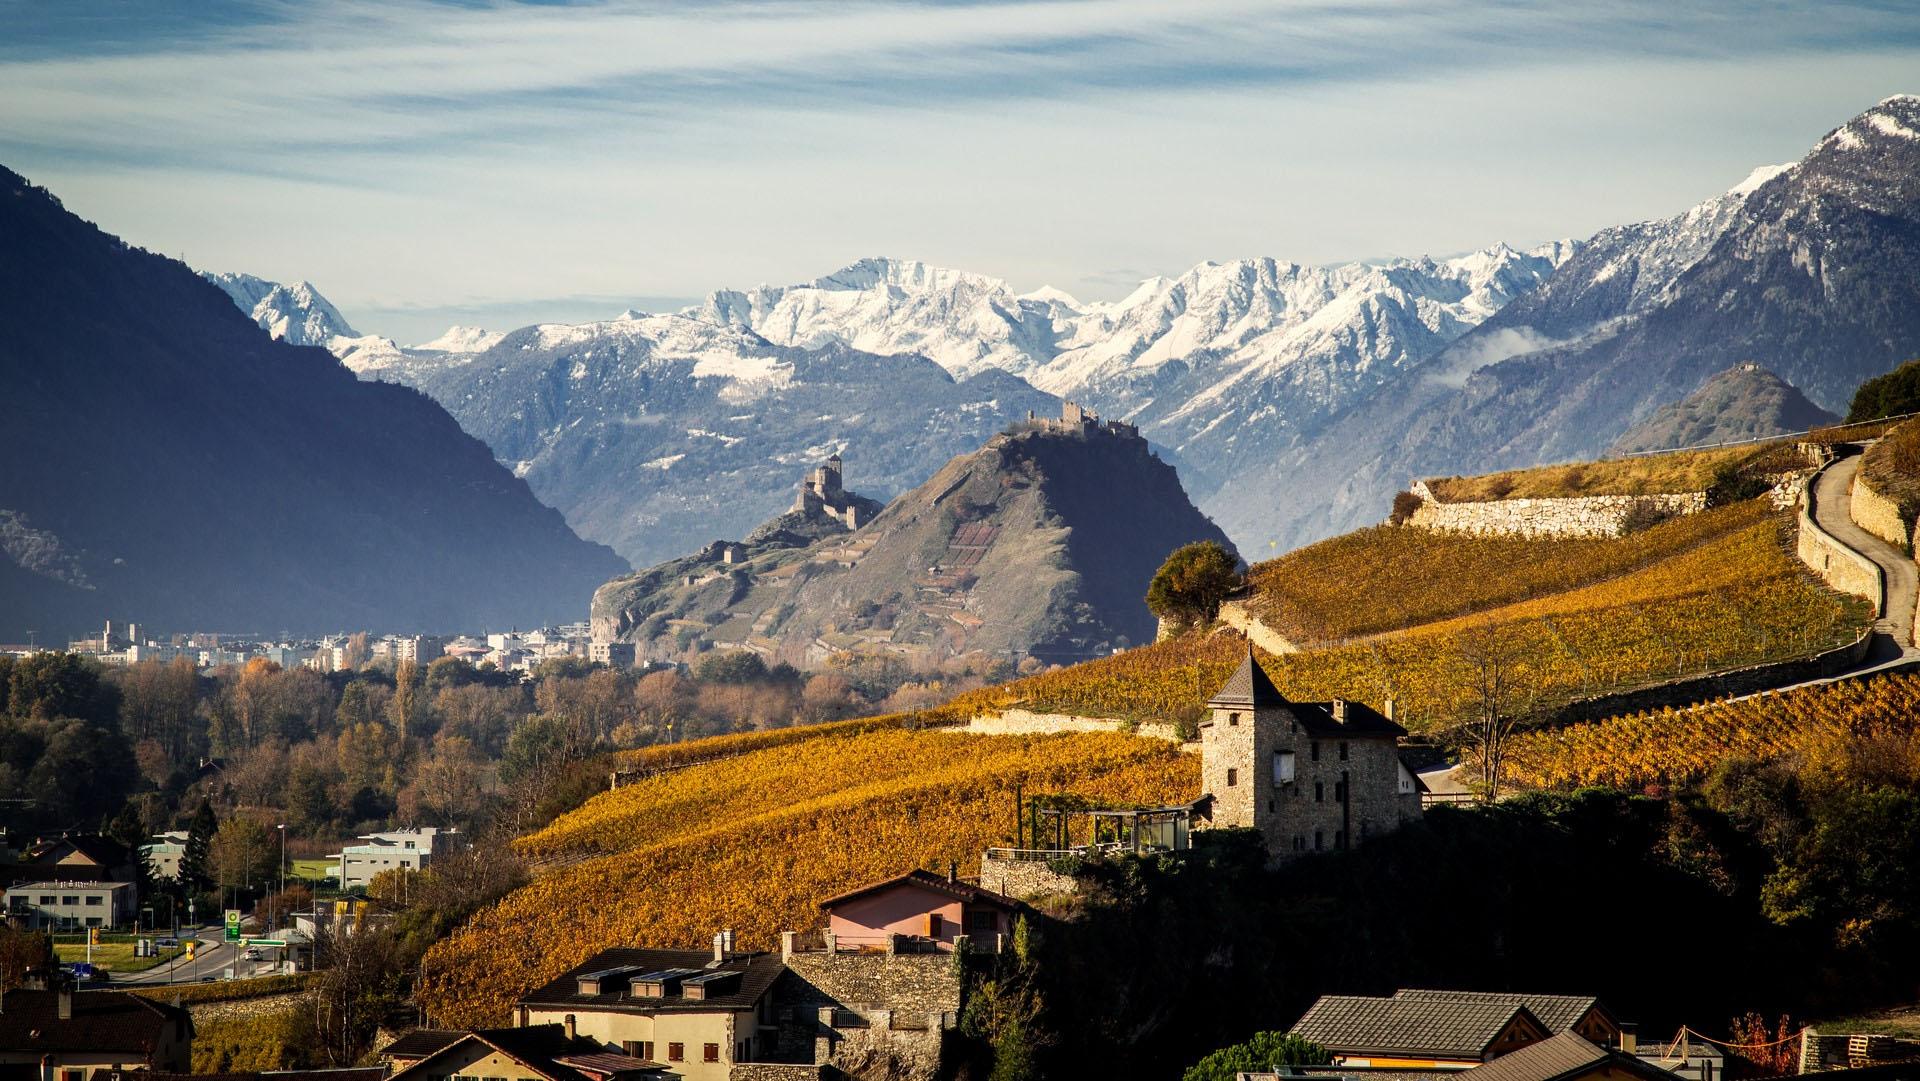 Dégustation de vins à Verbier en Valais